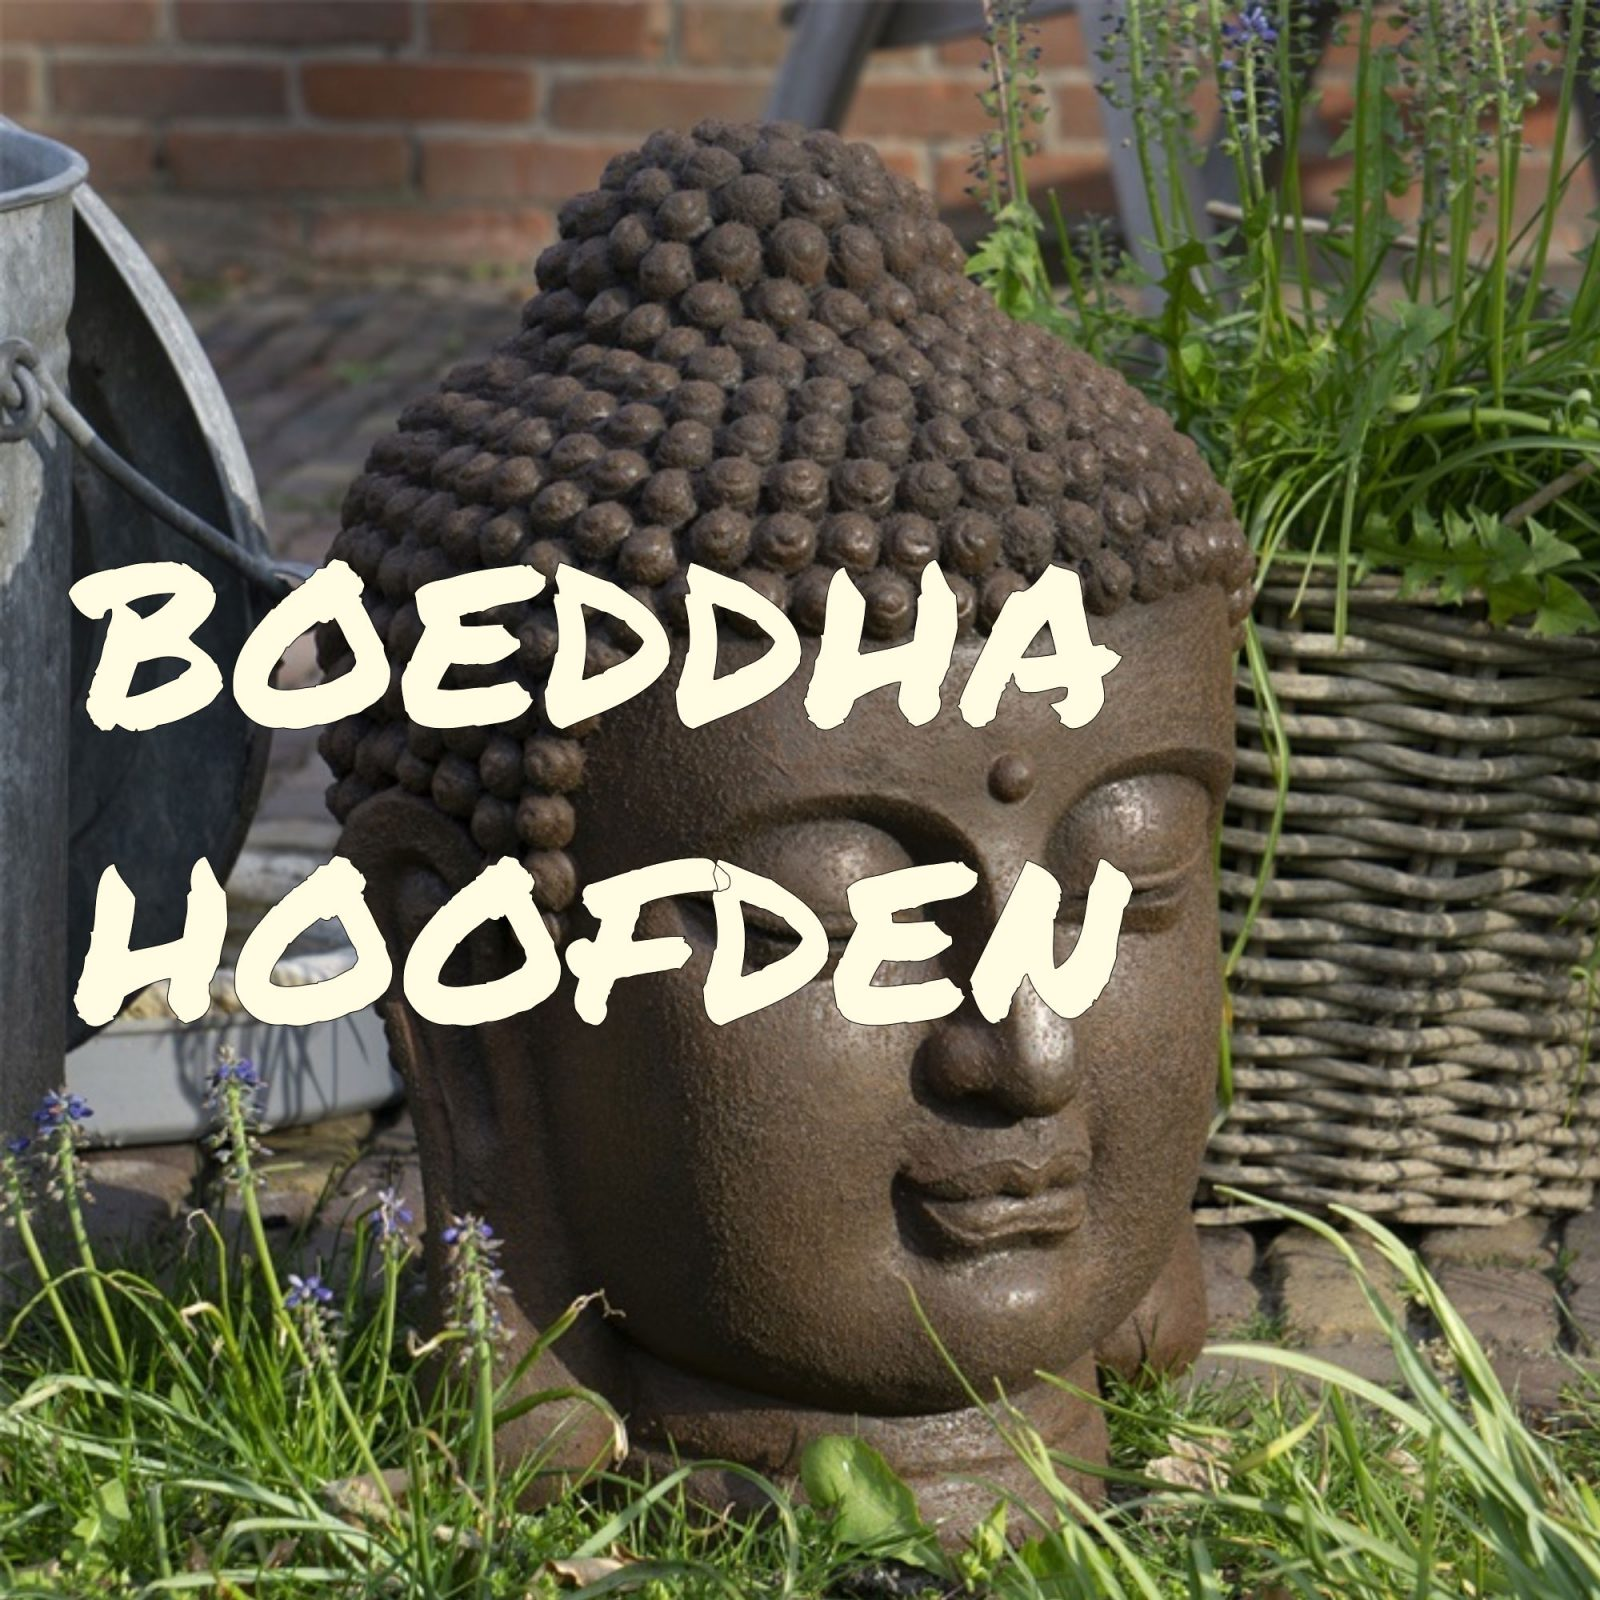 Boeddha-hoofden